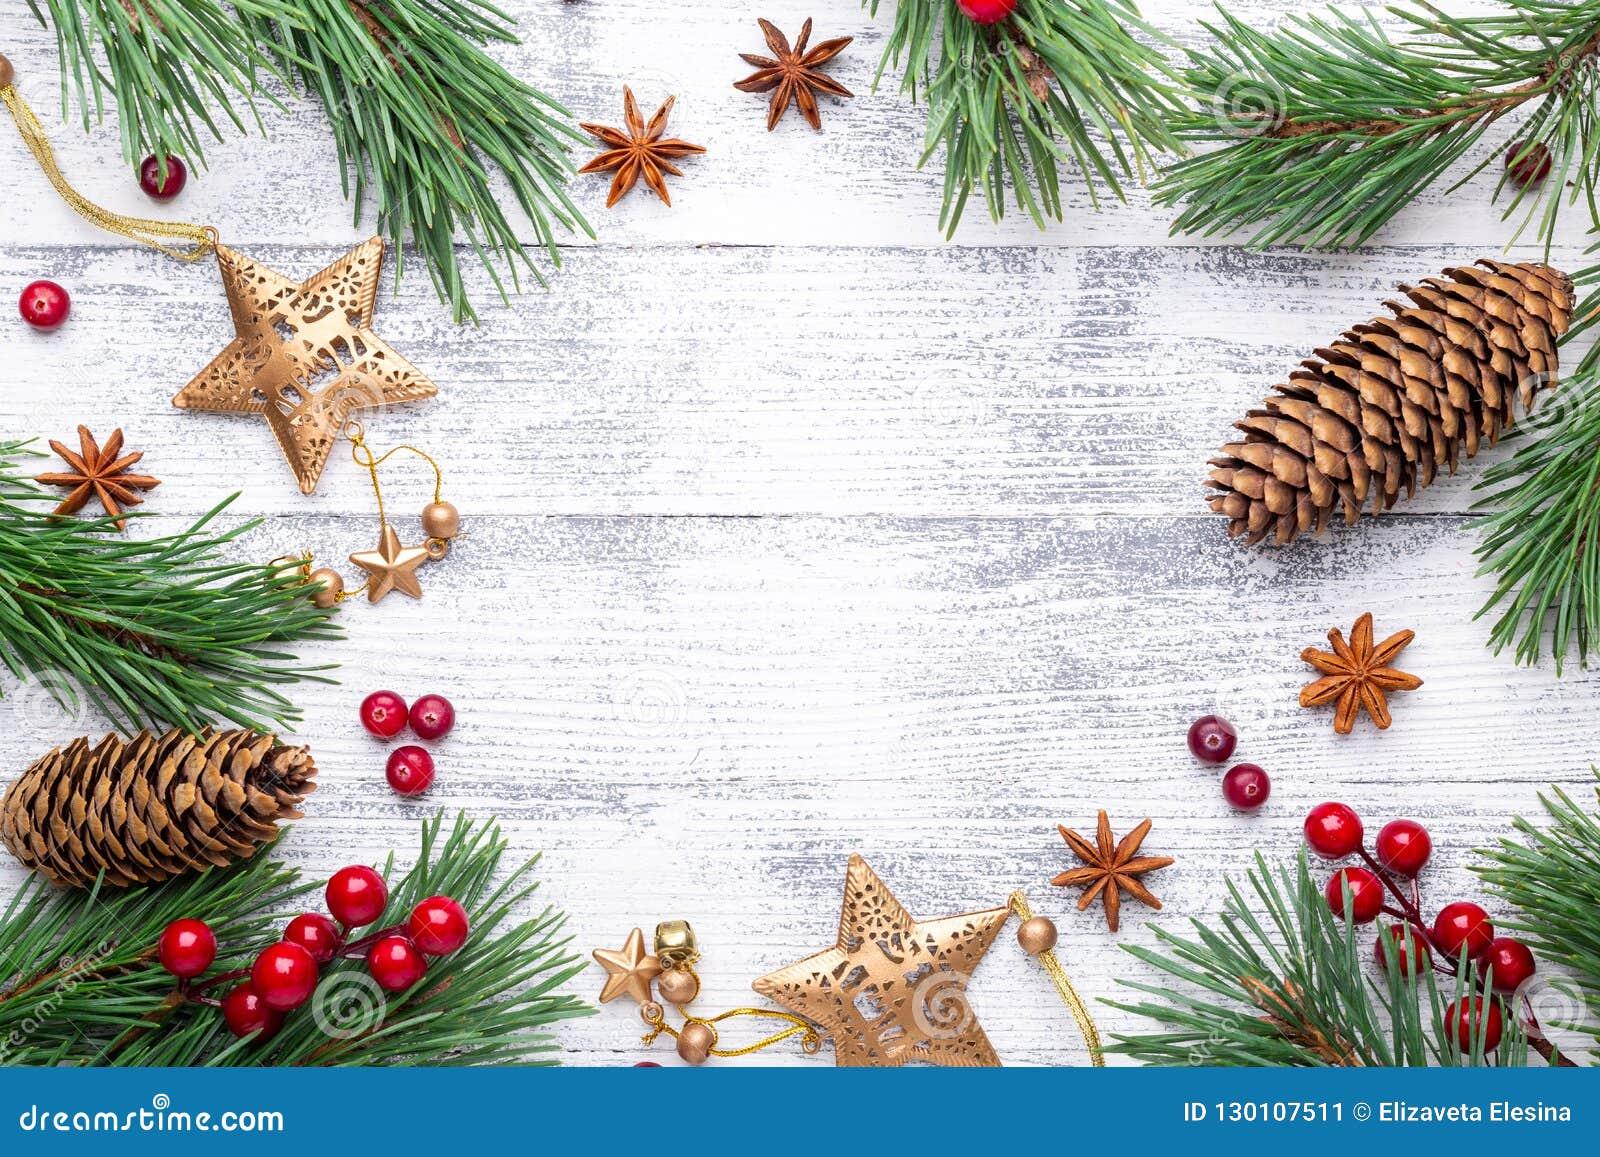 Fond de Noël Branches et cadeaux de sapin sur un fond en bois clair Canneberges, épices, baies de houx